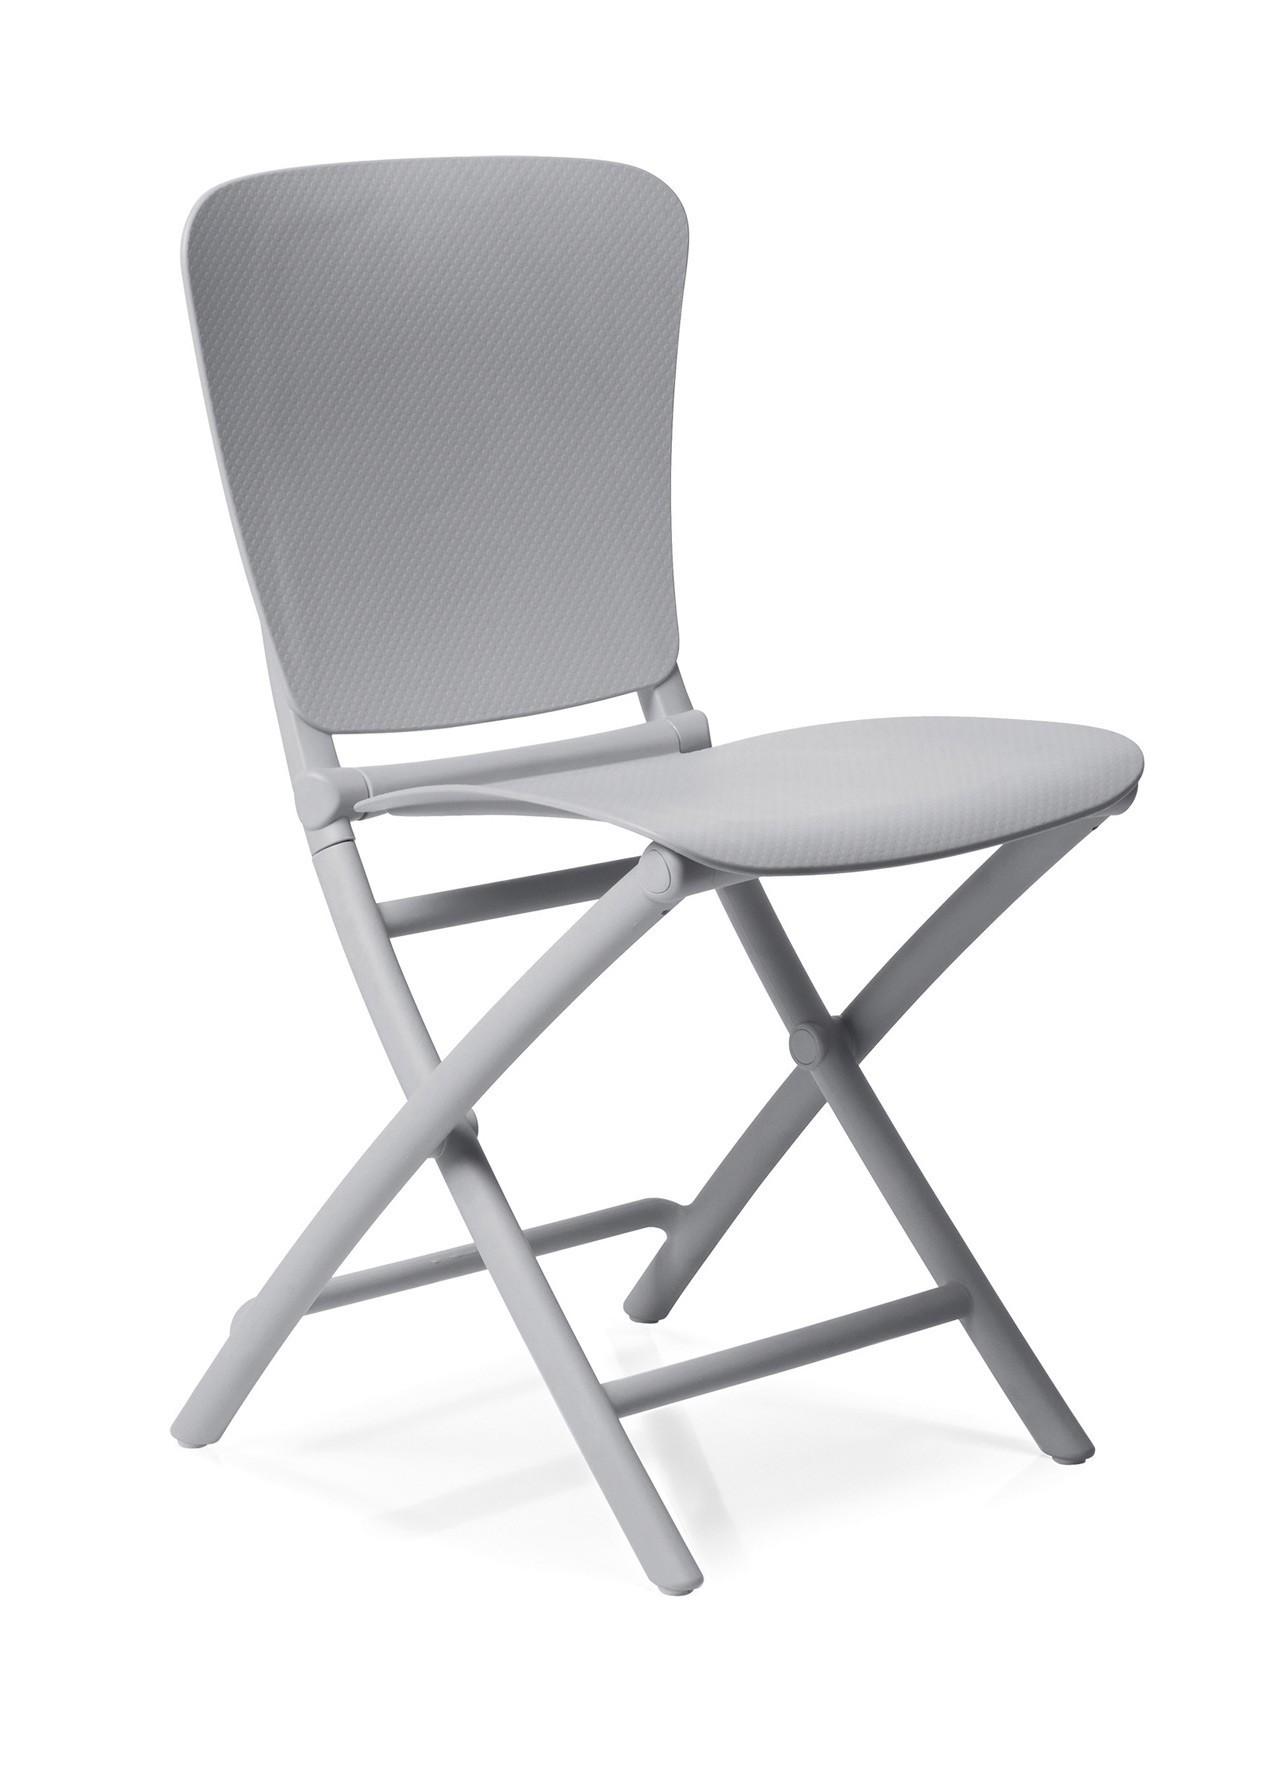 gartenmobel klappbar kunststoff interessante ideen f r die gestaltung von. Black Bedroom Furniture Sets. Home Design Ideas